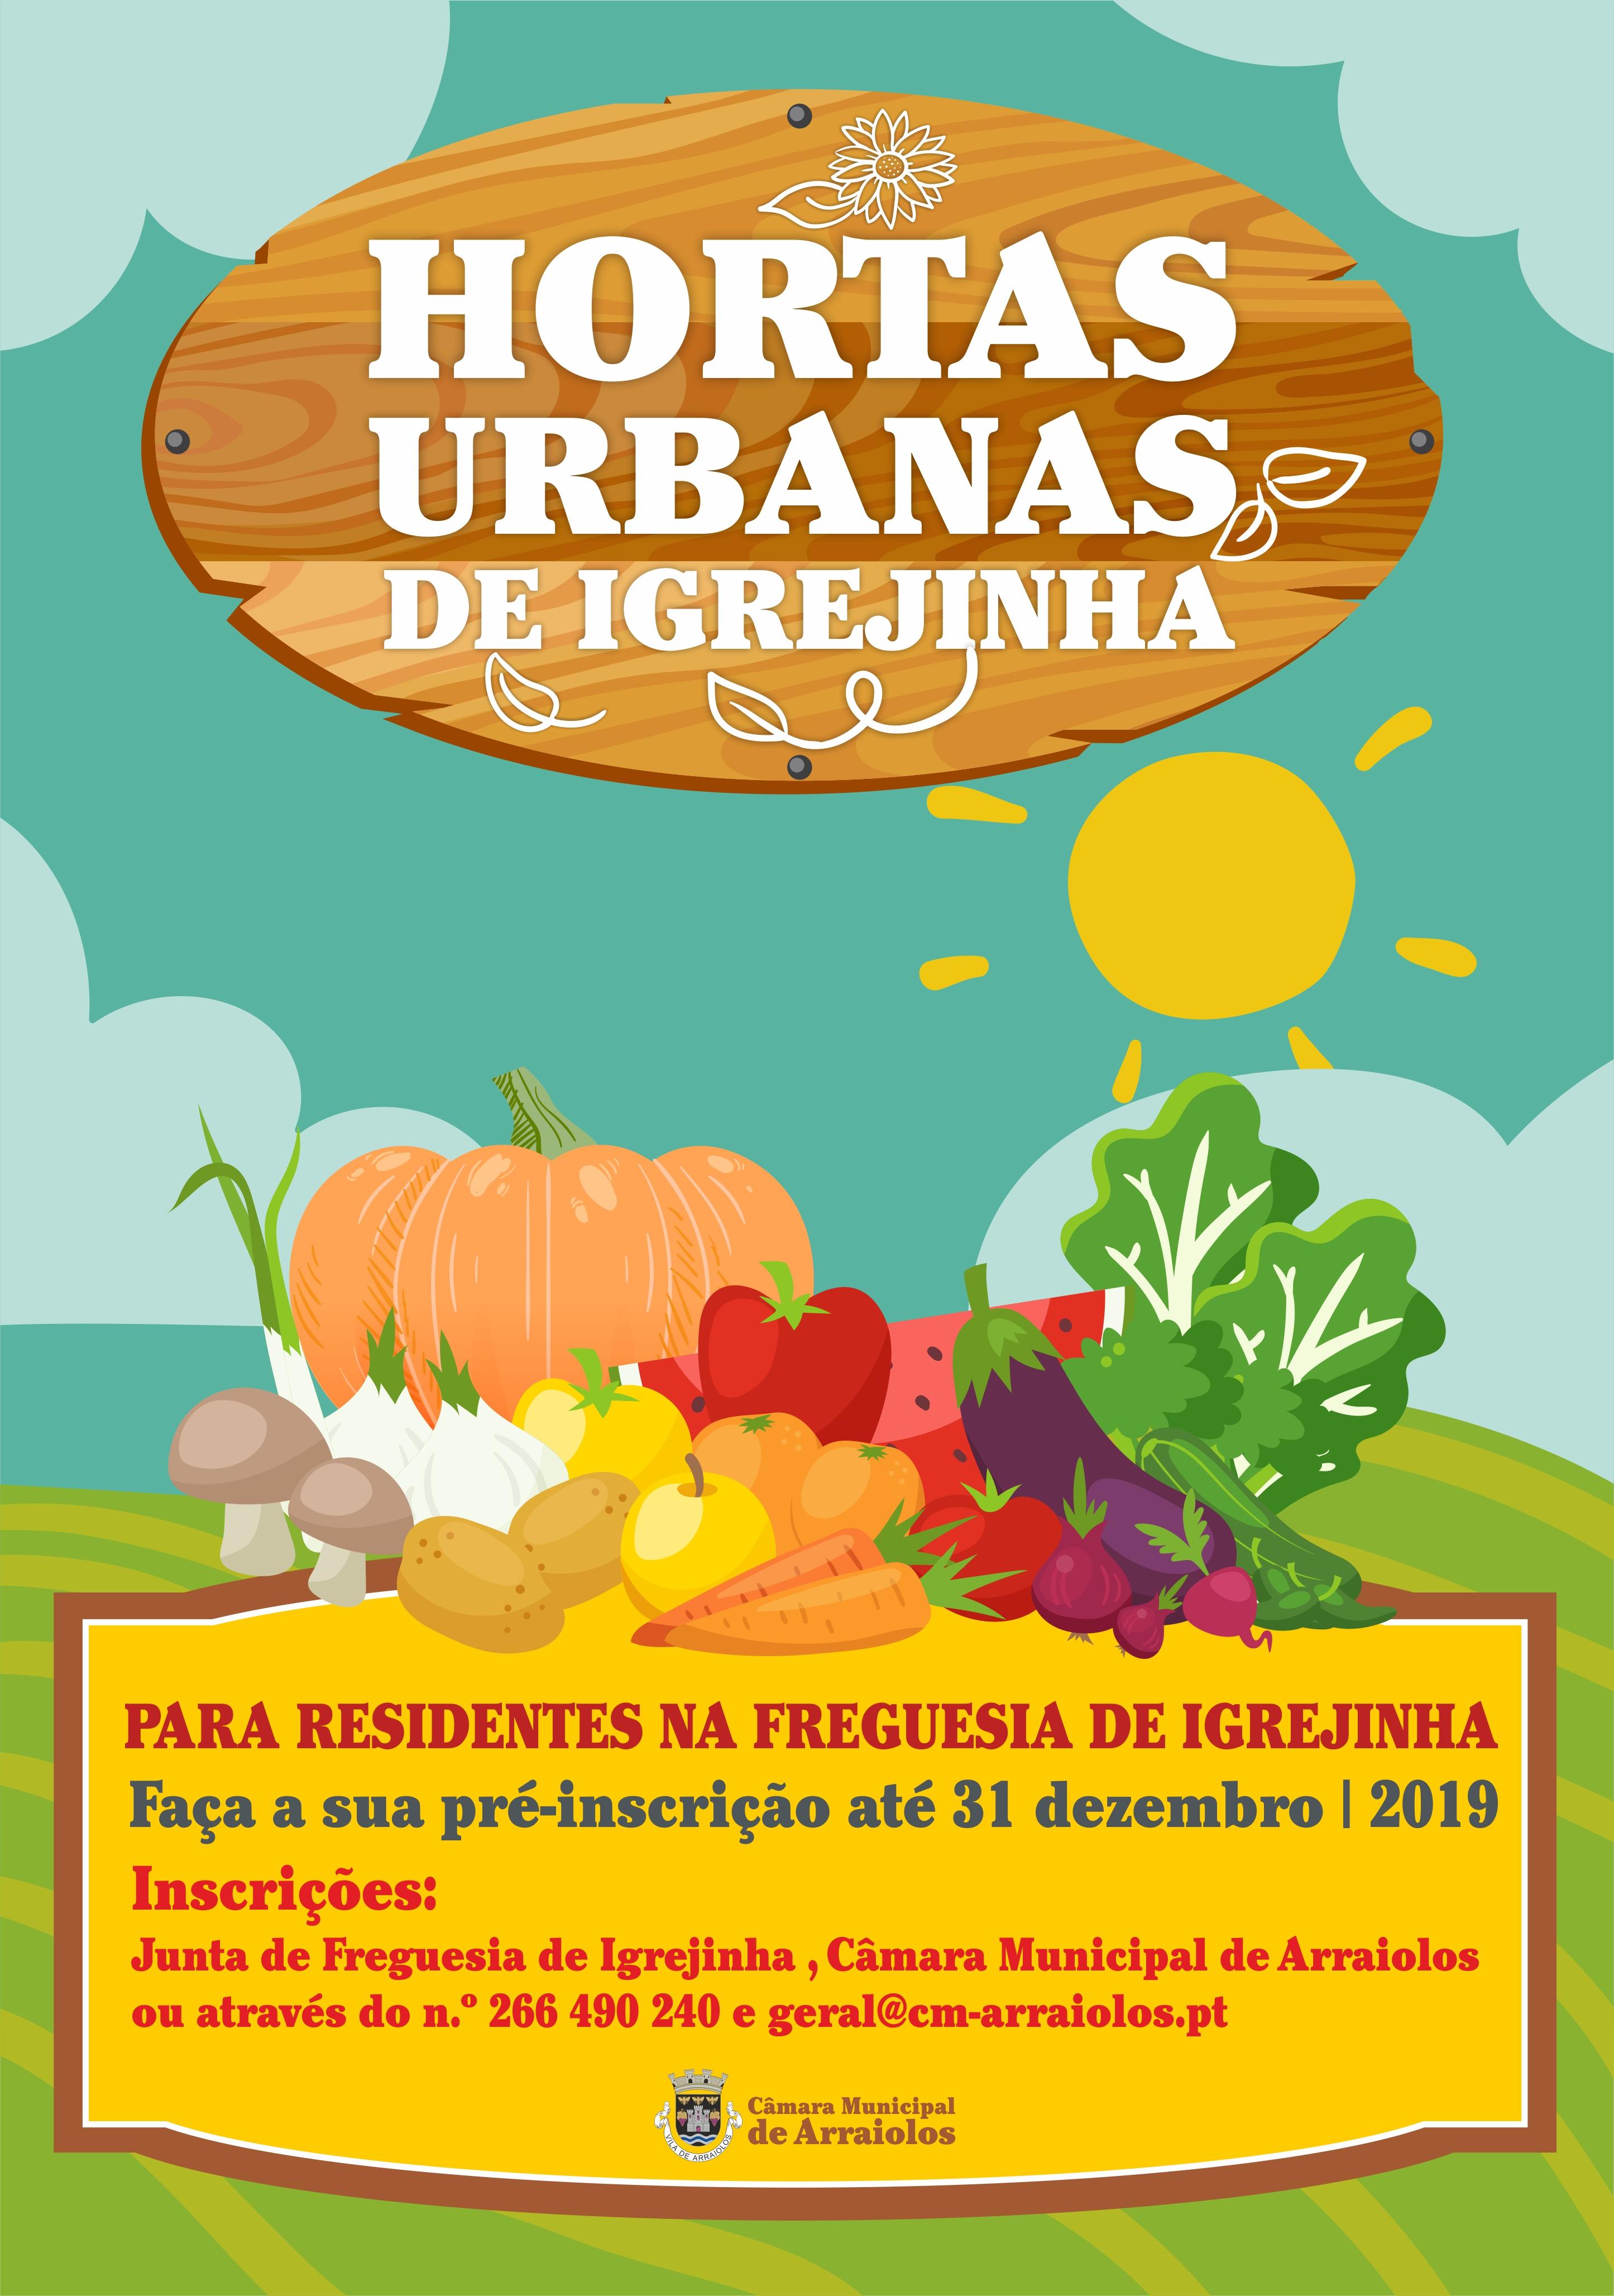 Hortas Urbanas_____Igrejinha.jpg